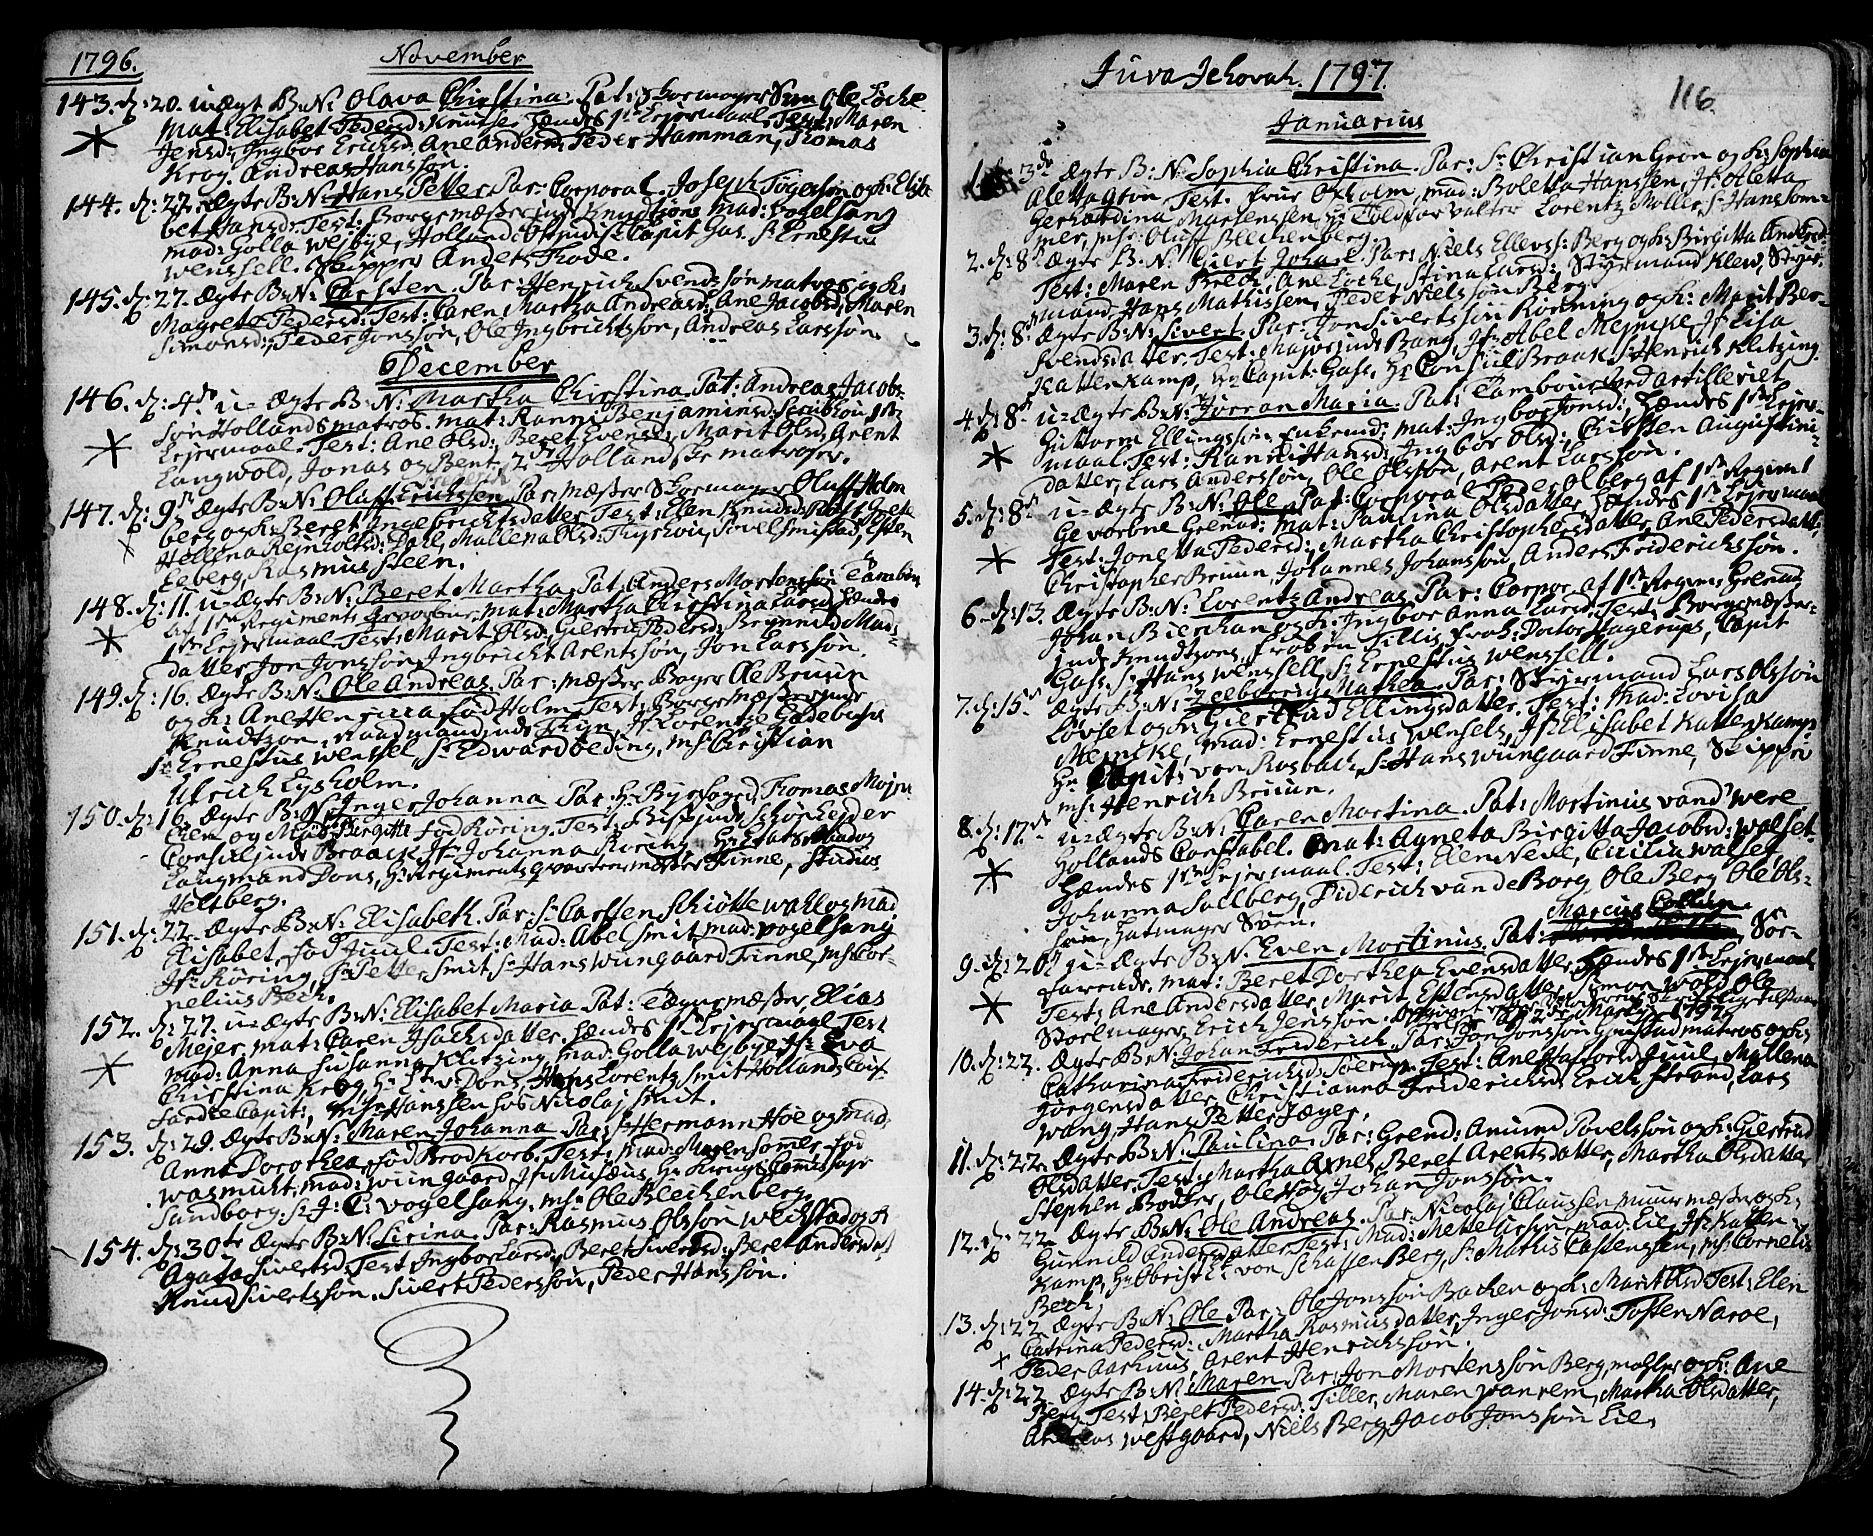 SAT, Ministerialprotokoller, klokkerbøker og fødselsregistre - Sør-Trøndelag, 601/L0039: Ministerialbok nr. 601A07, 1770-1819, s. 116